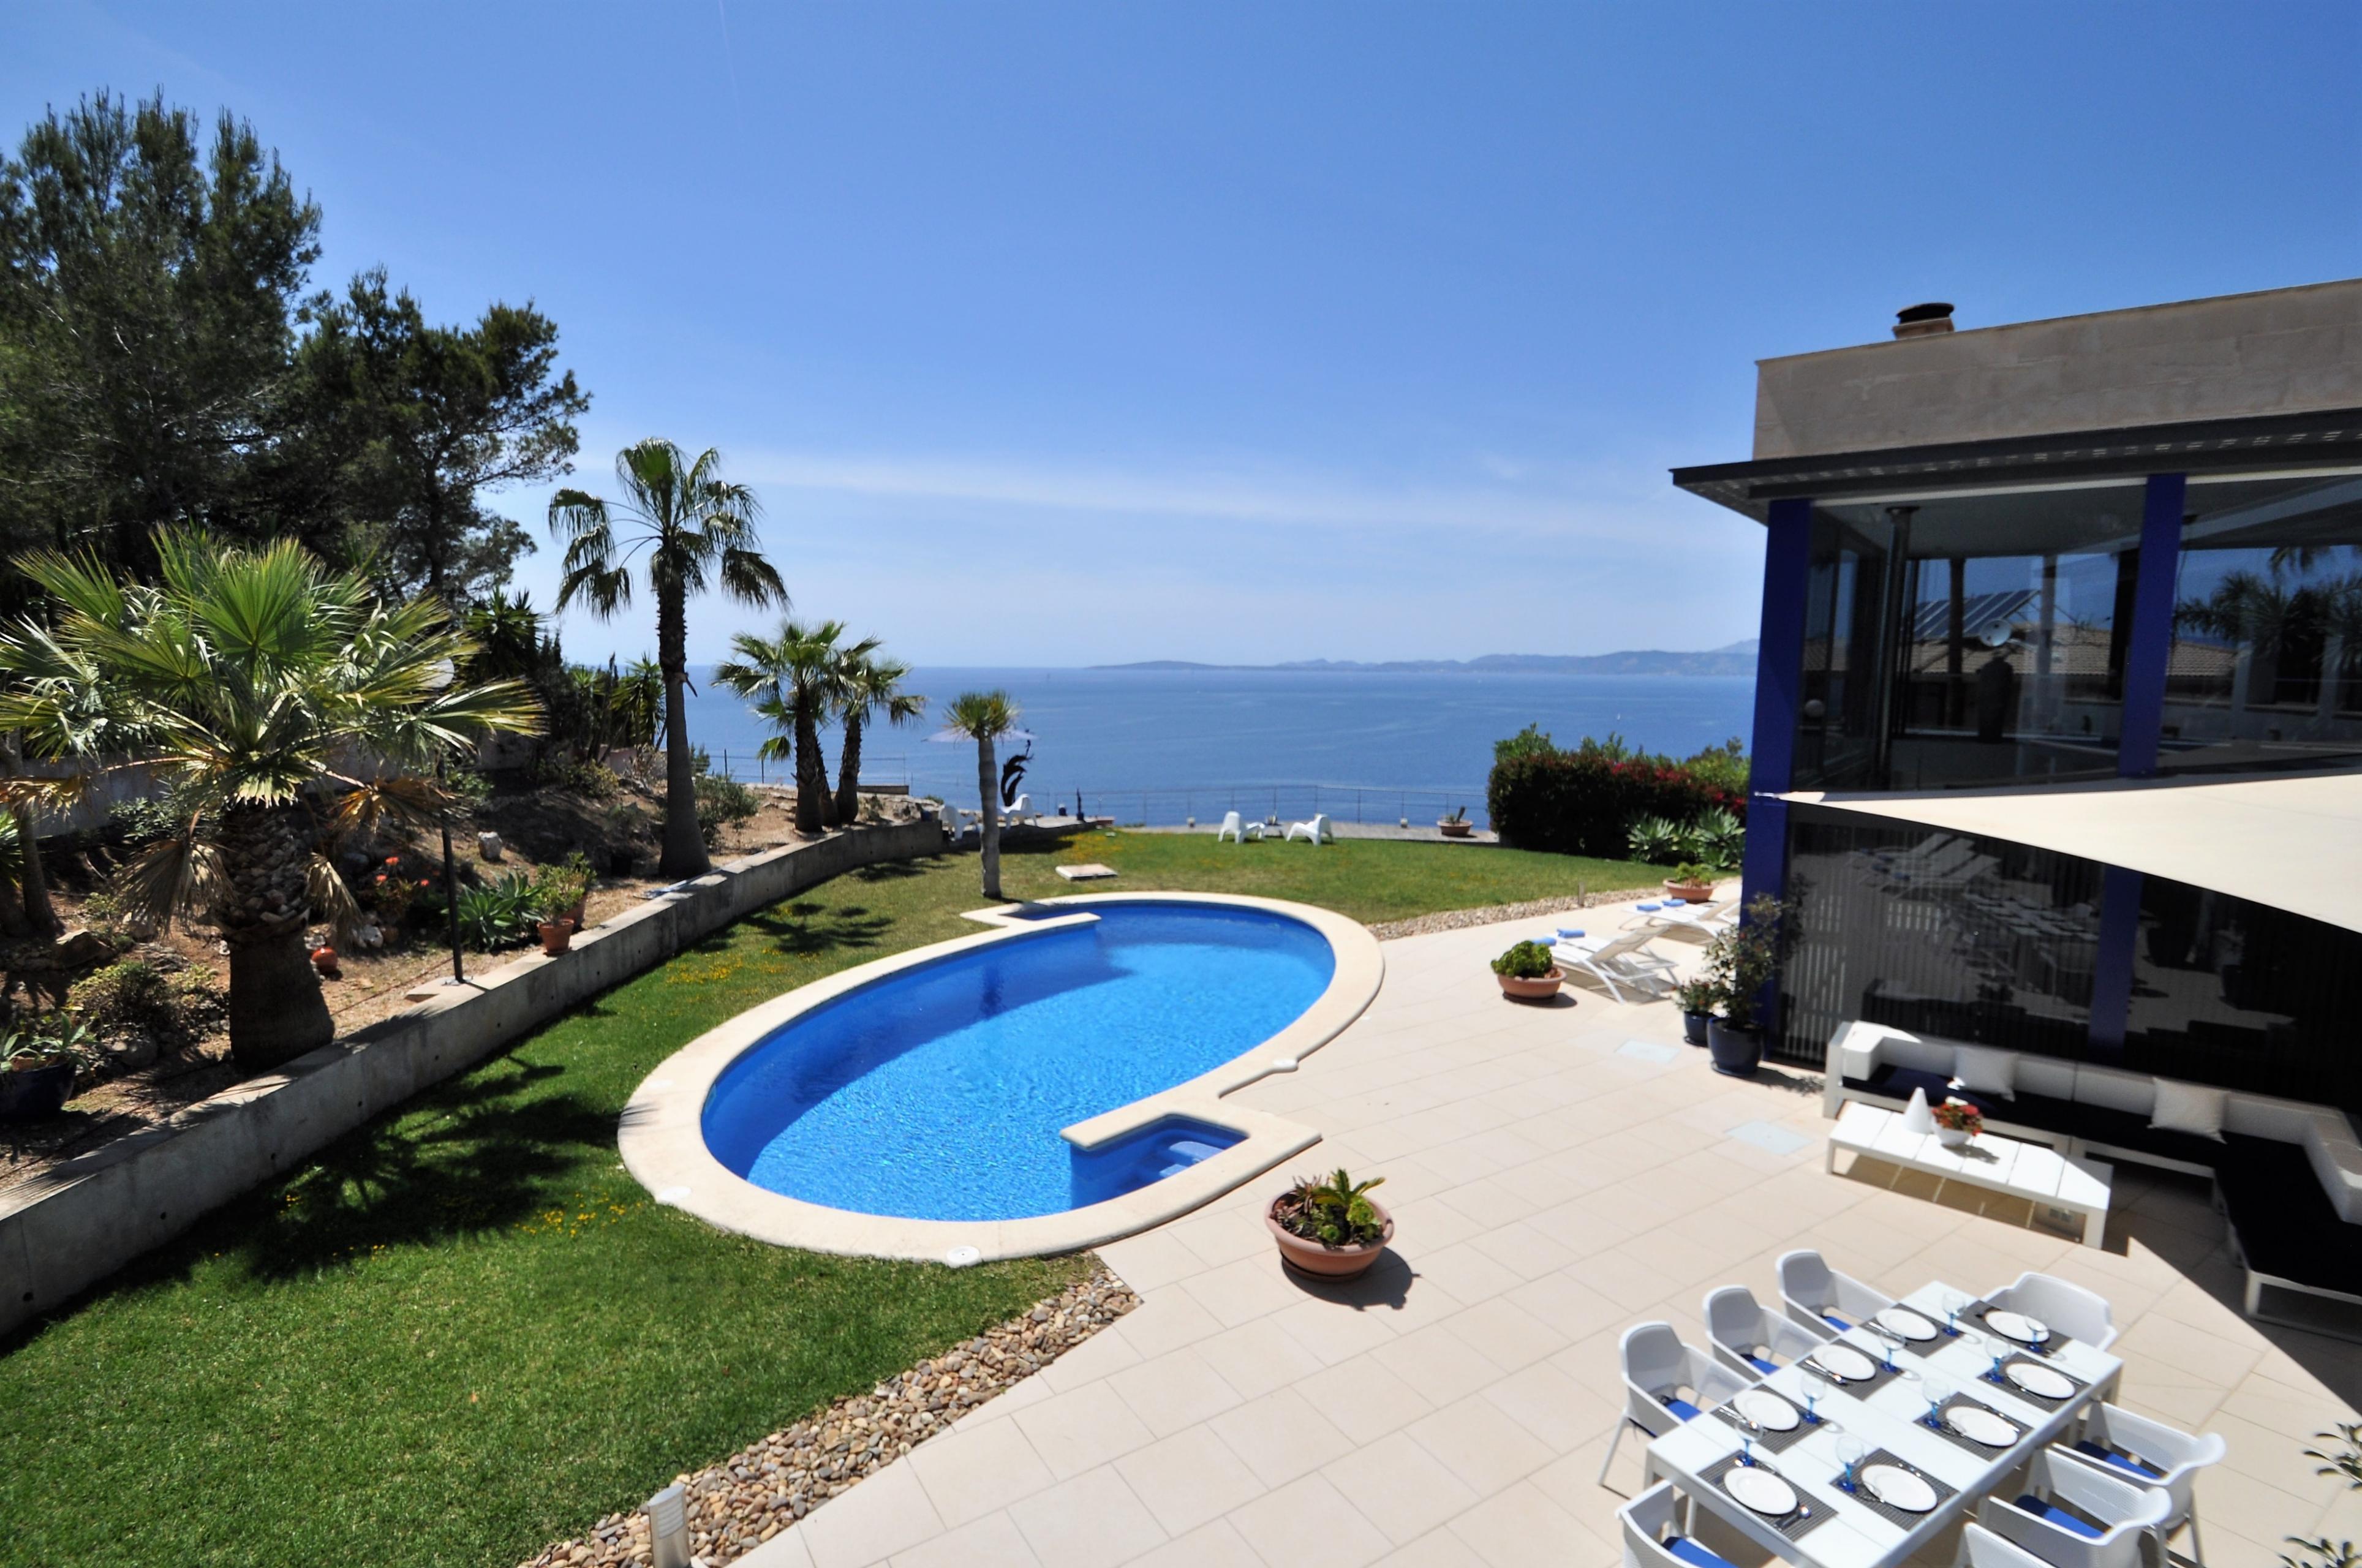 Maison de vacances VILLA BAY BLUE- Bahia Azul- Mallorca - VILLAONLINE - Kostenloses WLAN (2684052), Bahia Azul, Majorque, Iles Baléares, Espagne, image 7